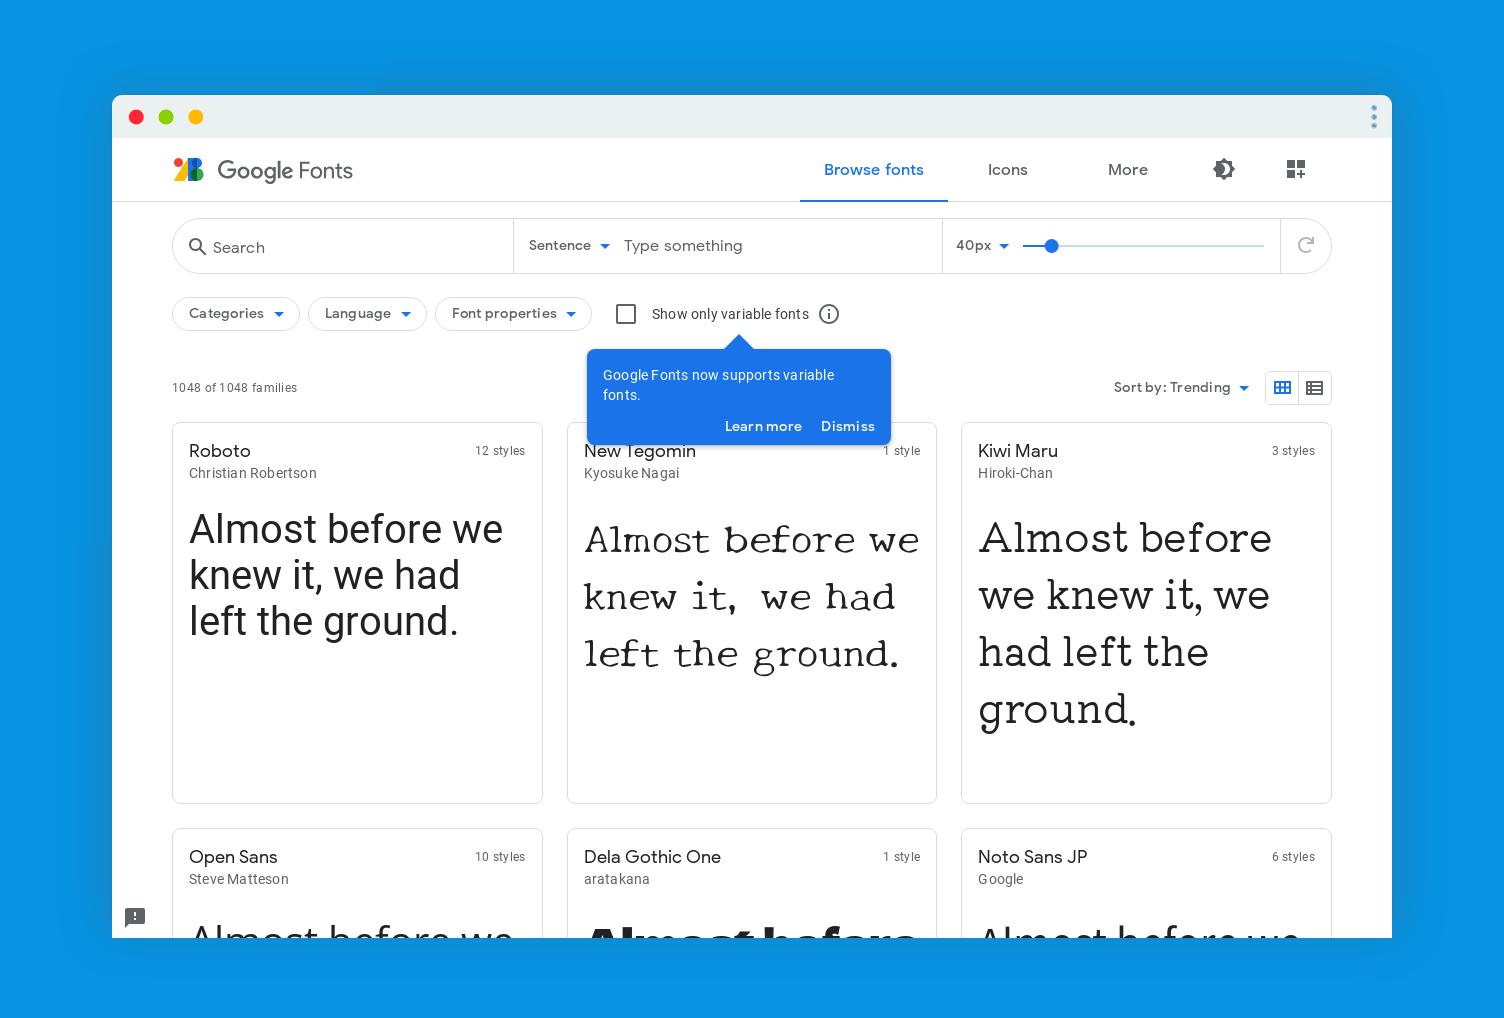 najlepsze strony zdarmowymi czcionkami google fonts